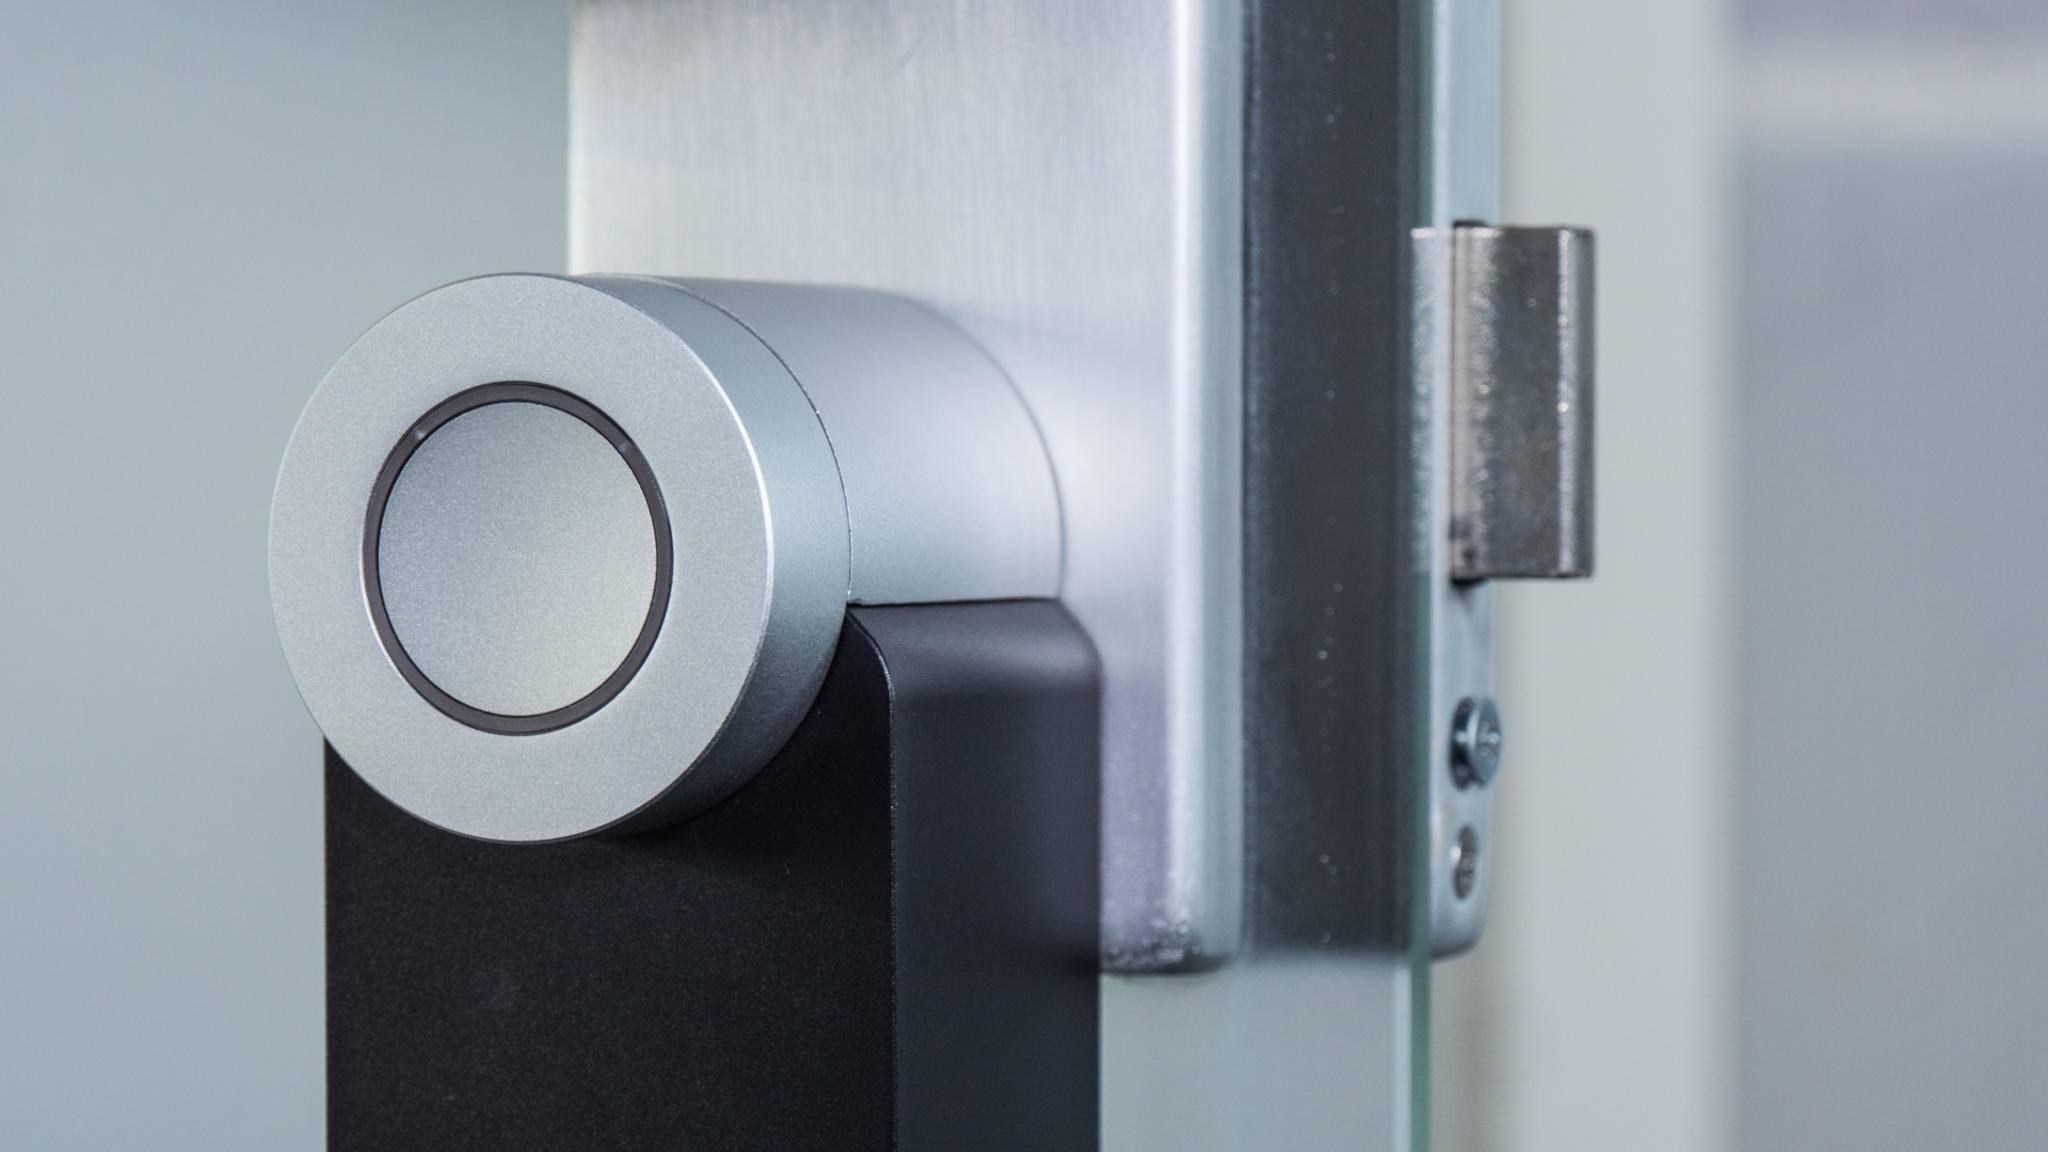 Auch durch Drücken oder Drehen am Knauf lässt sich die Tür normal öffnen.